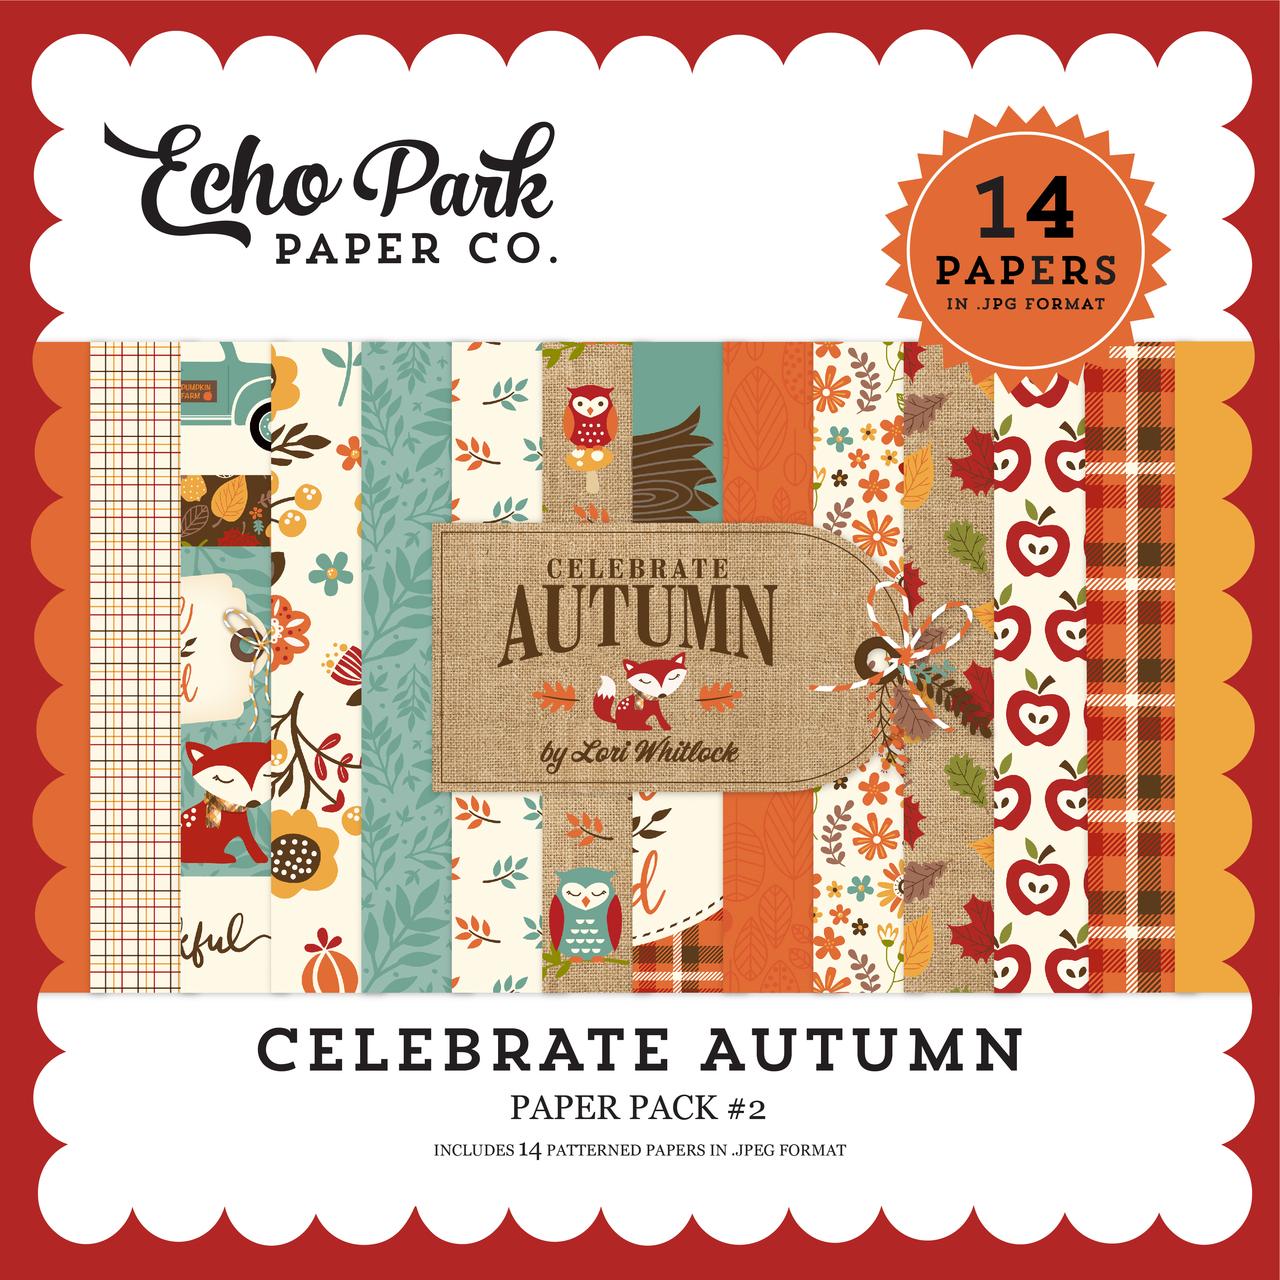 Celebrate Autumn Paper Pack #2